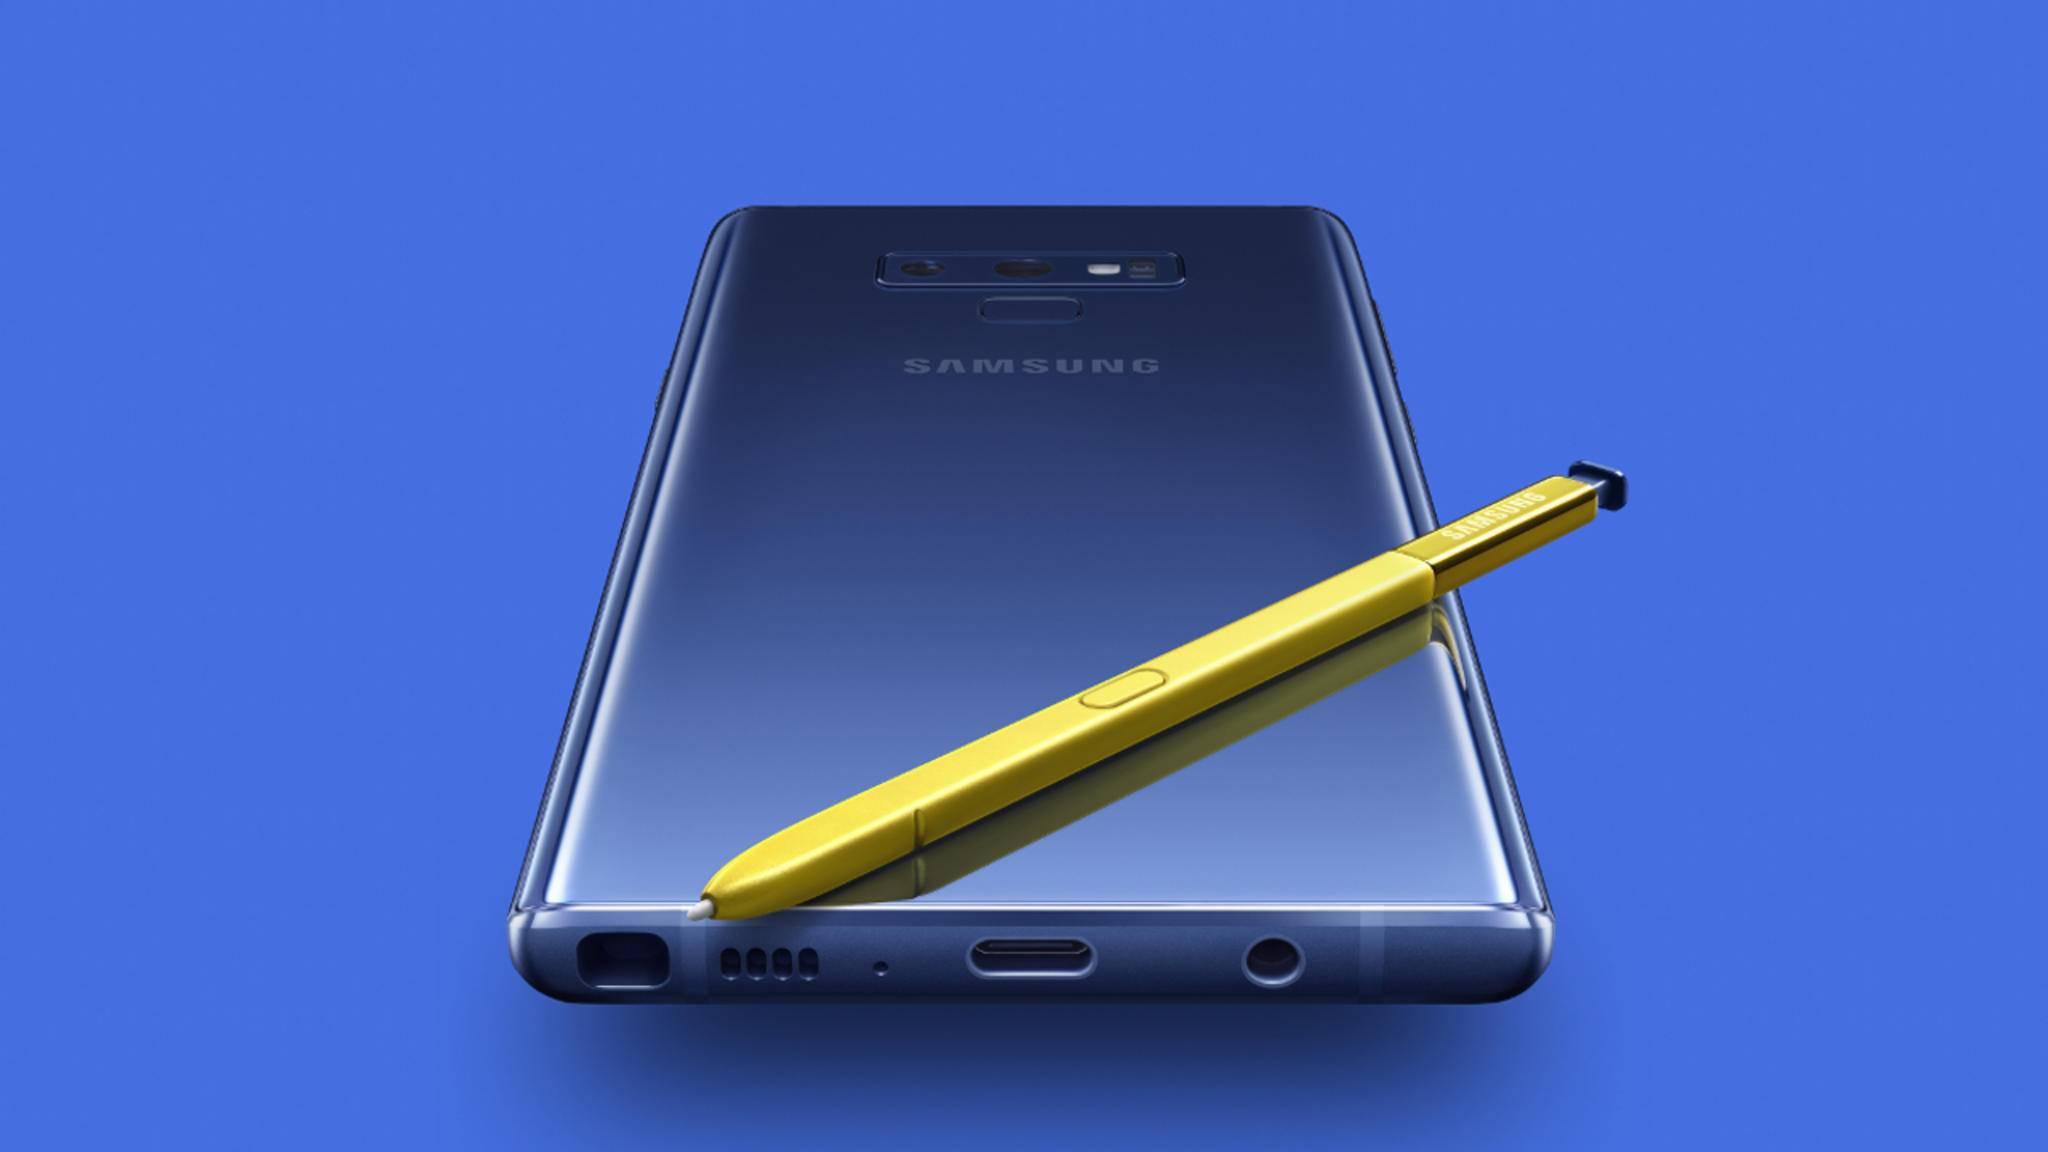 Das Galaxy Note 9 ist das neueste Phablet-Flaggschiff von Samsung.